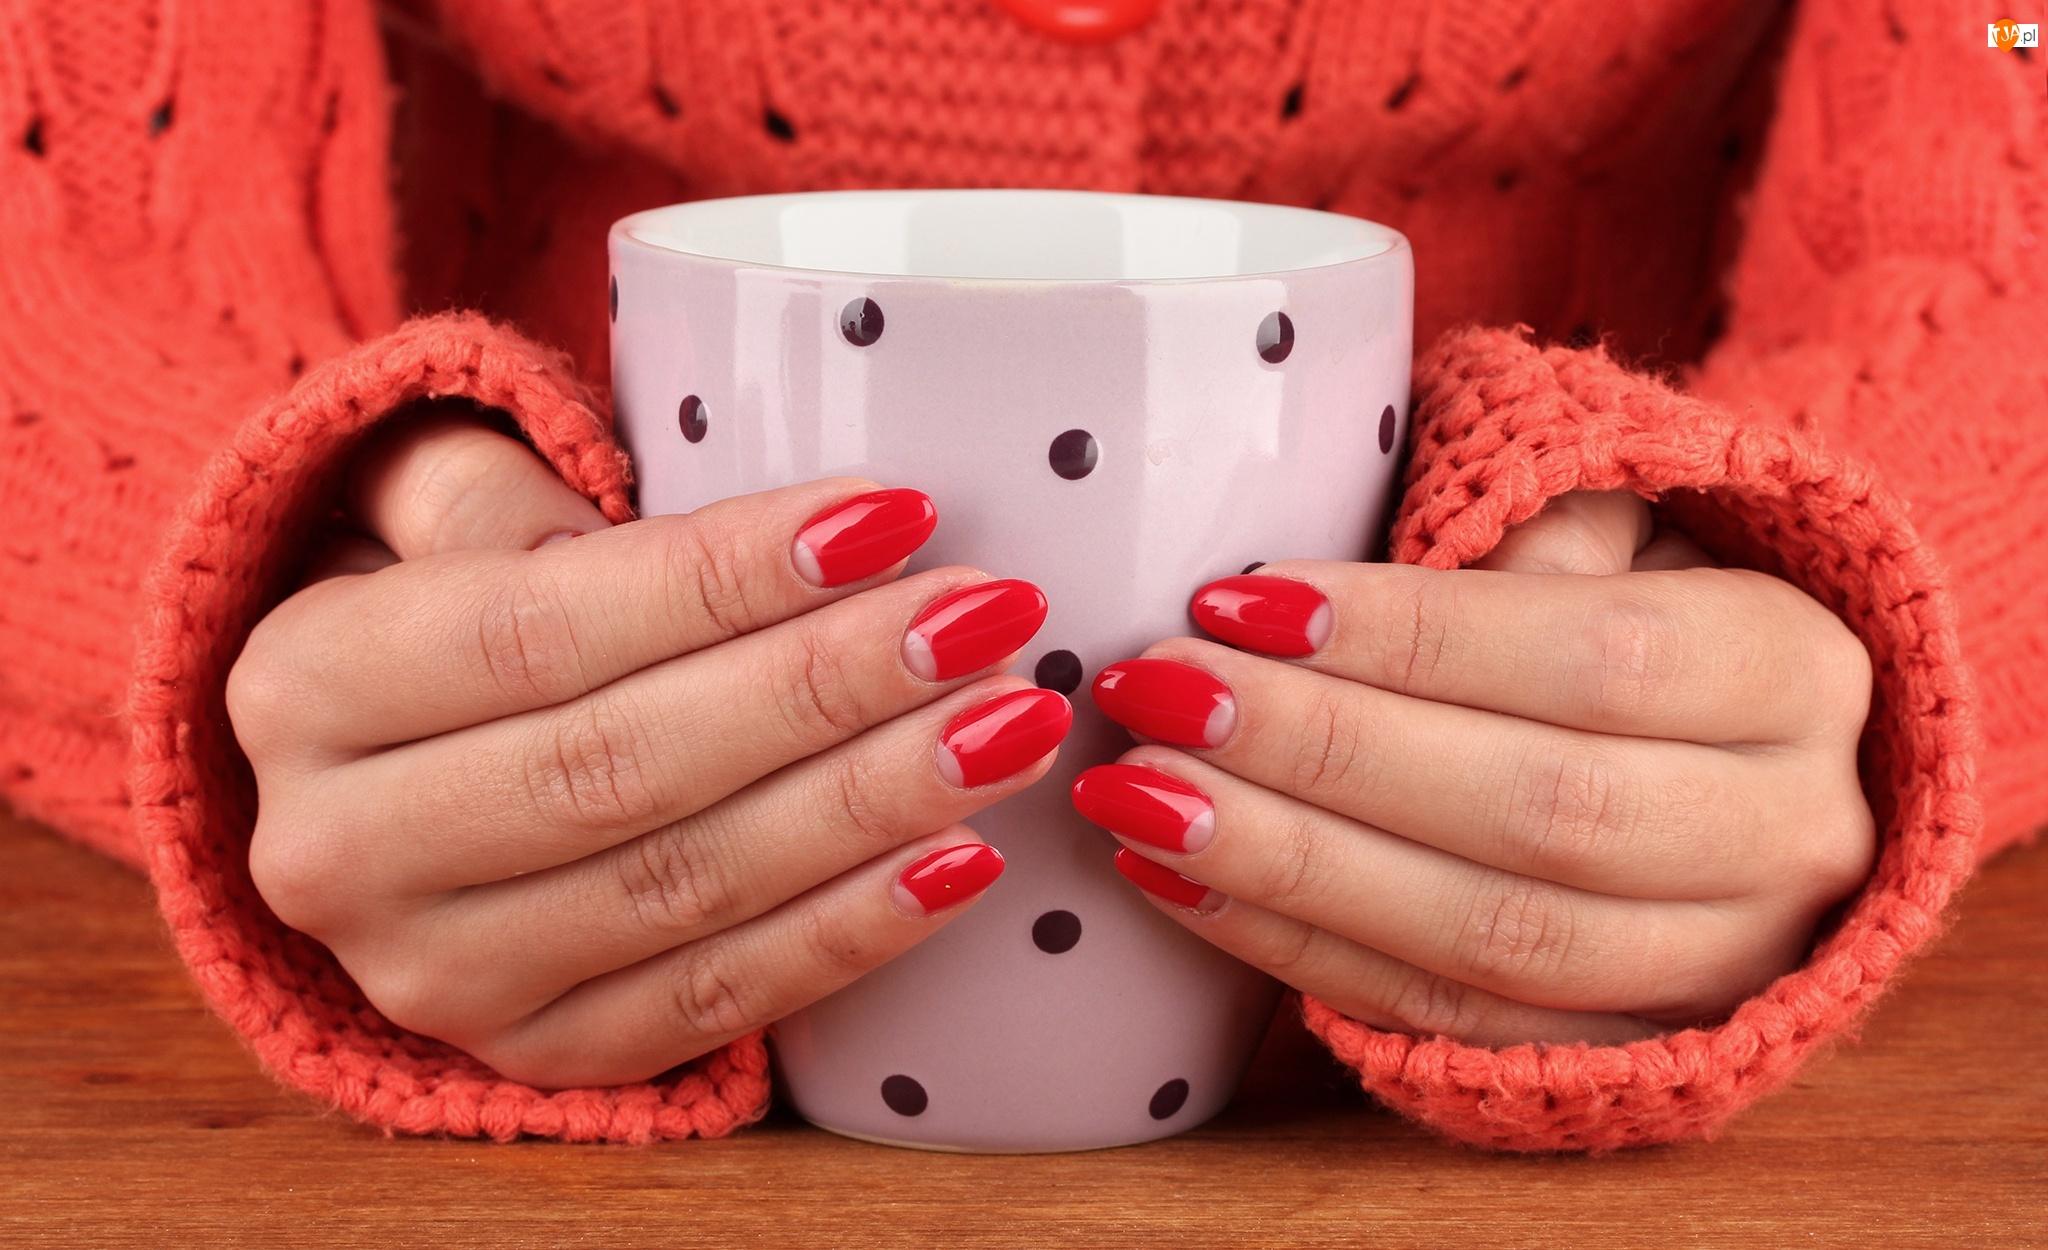 Dłonie, Manicure, Kubek, Kobieta, Sweter, Czerwone, Paznokcie